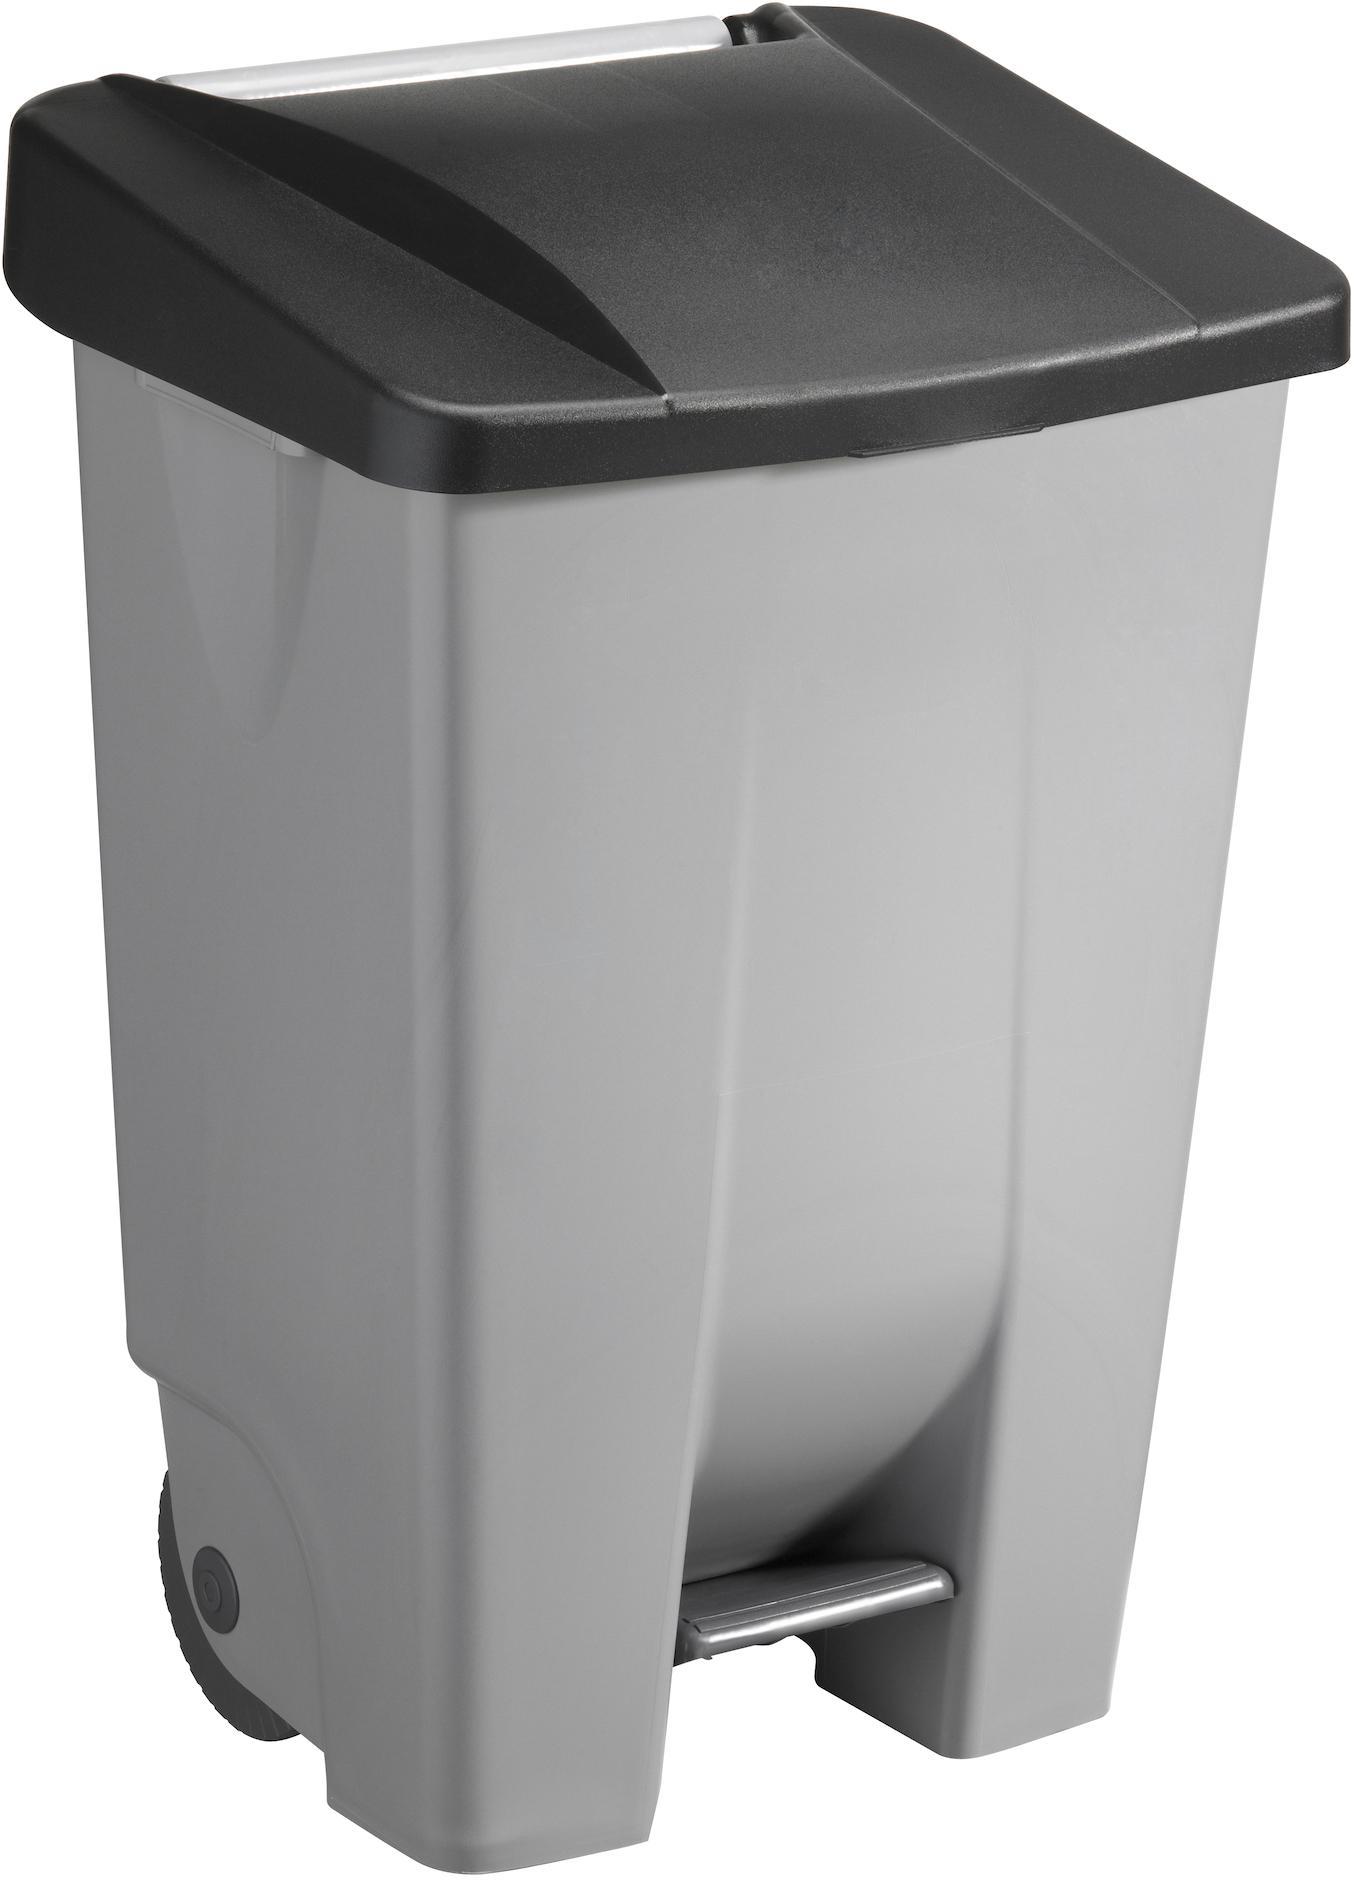 Sunware Mülleimer ´´Basic´´ | Küche und Esszimmer > Küchen-Zubehör > Mülleimer | Schwarz | Kunststoff | Sunware